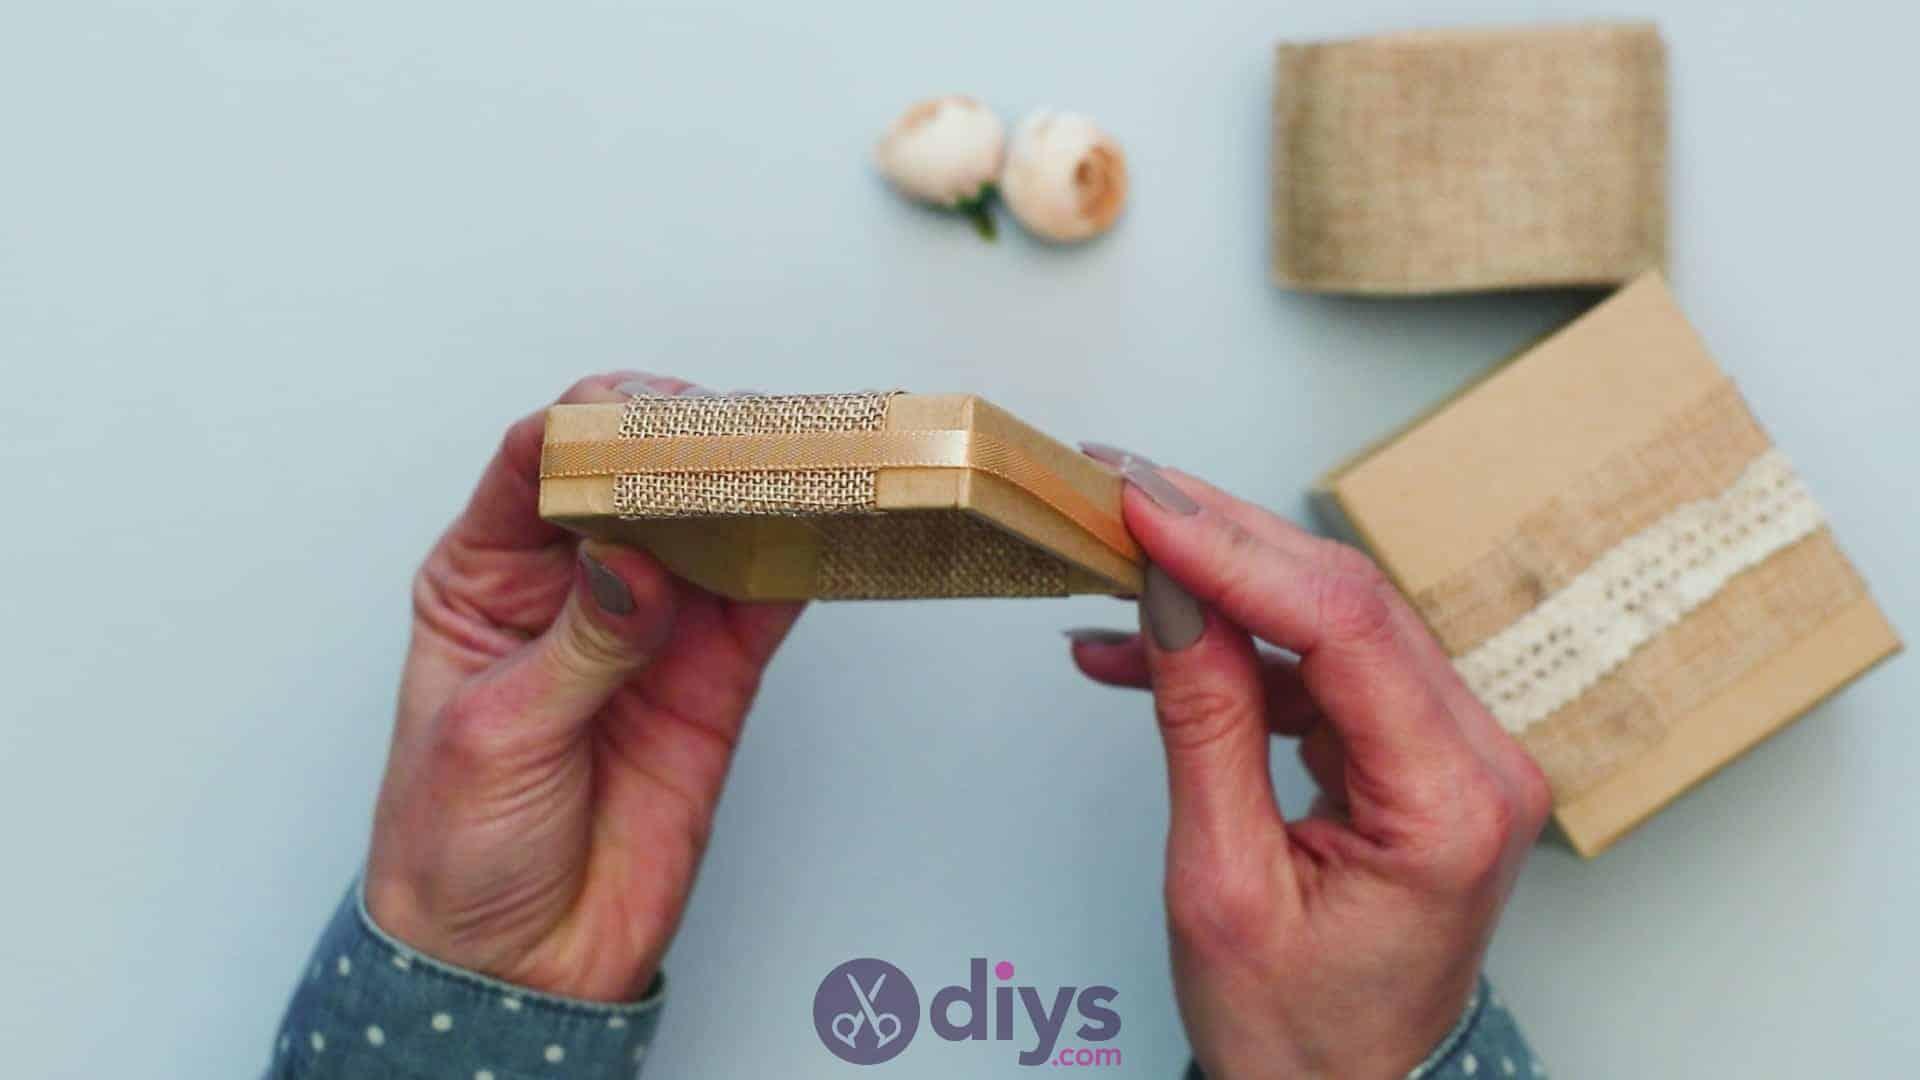 Diy jute gift box step 5b